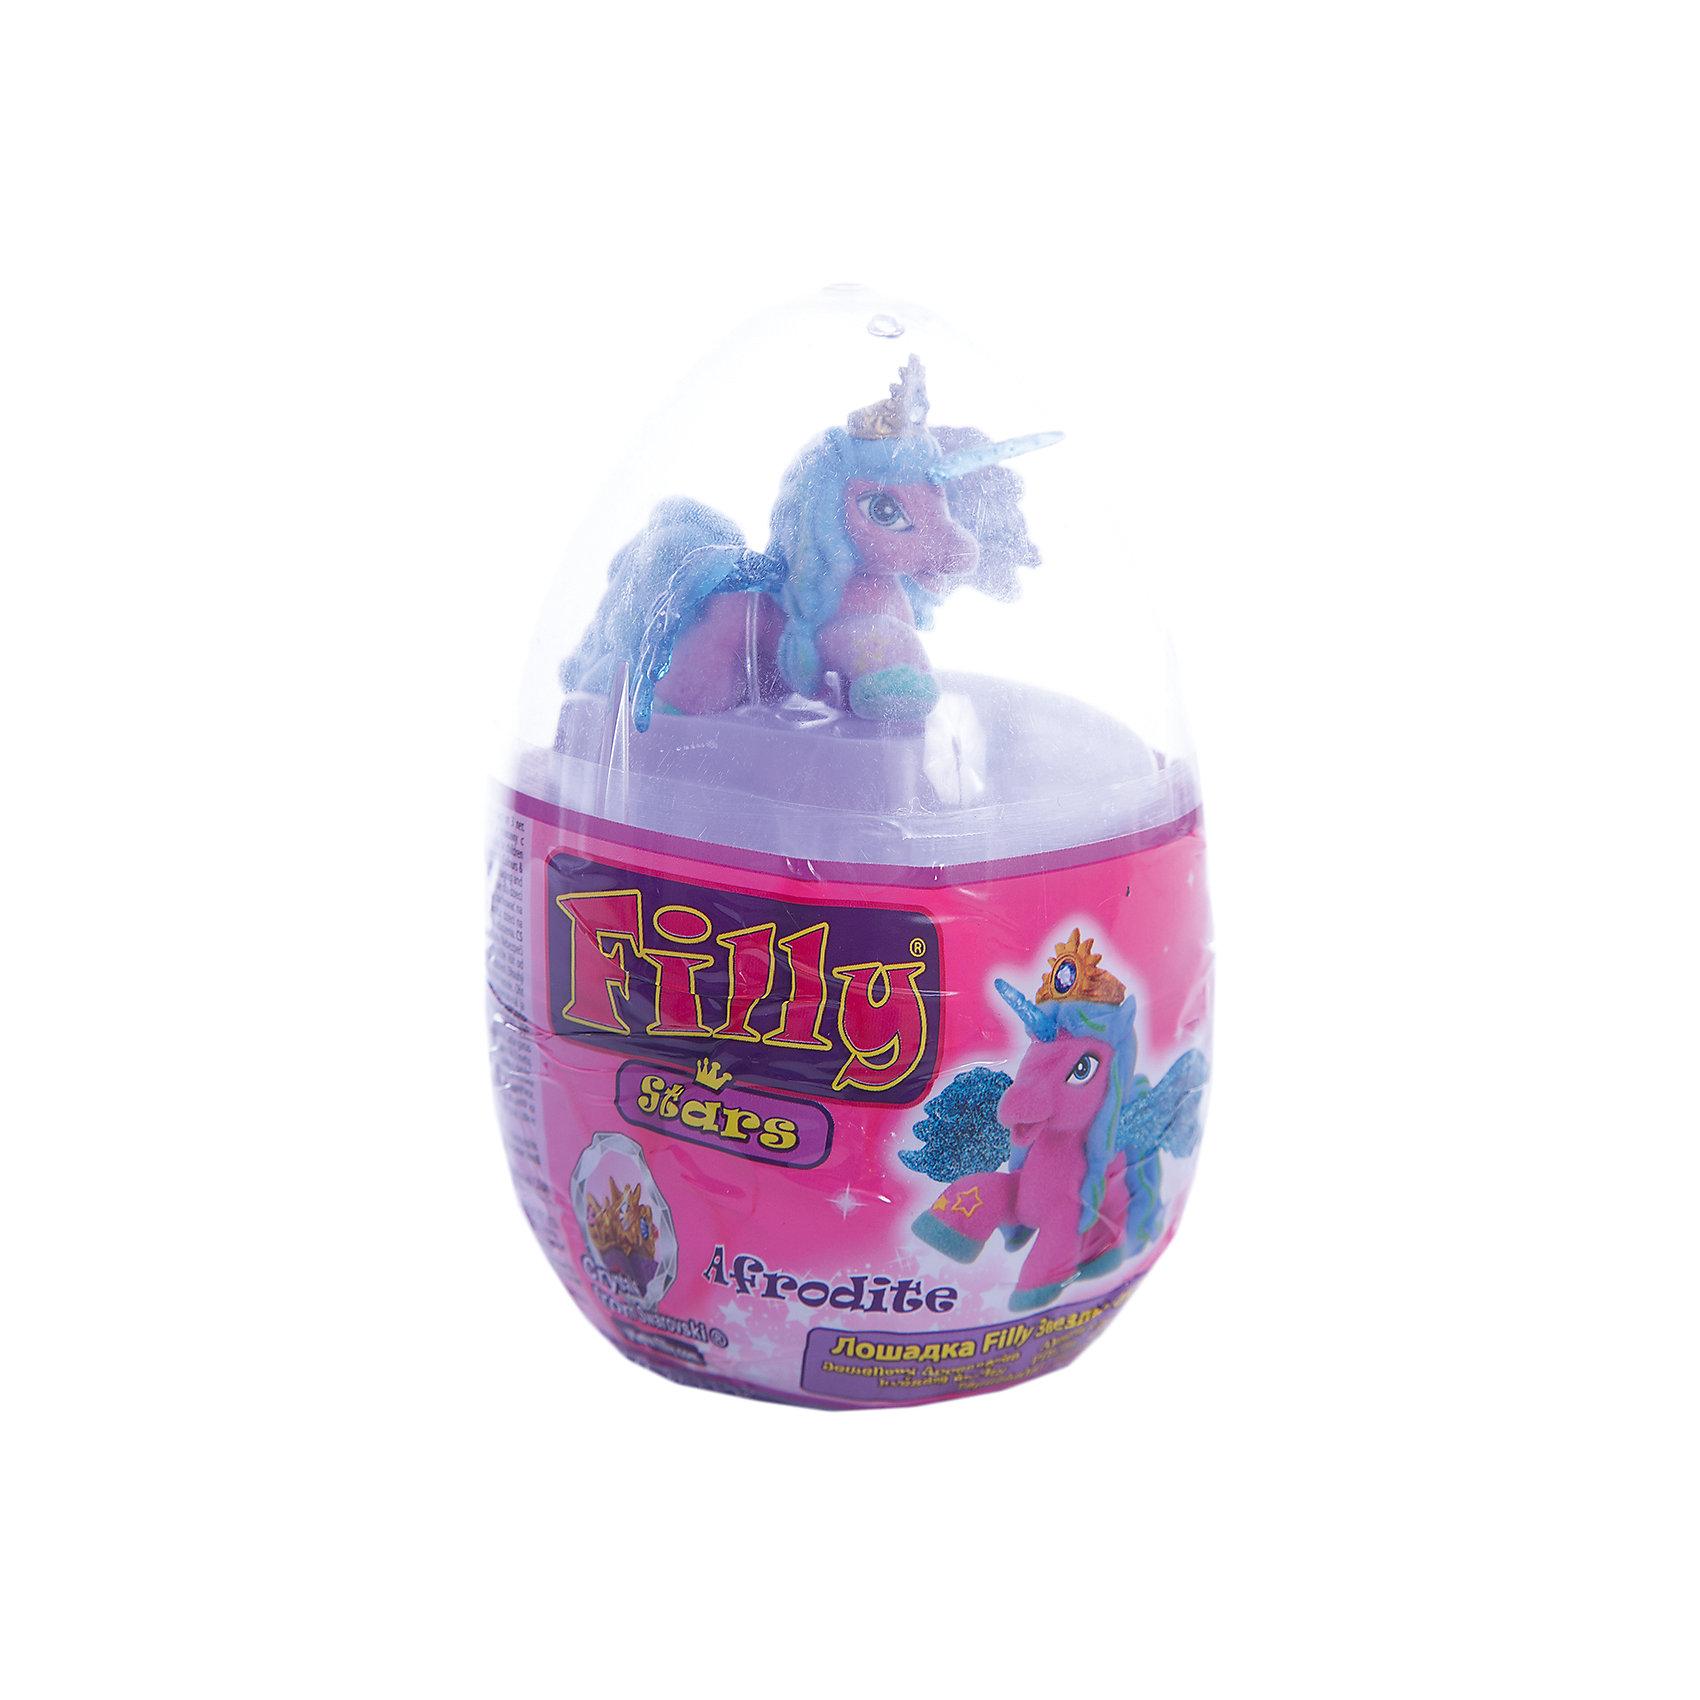 Набор Filly Звезды Afrodite, в яйце, DraccoКоллекционные и игровые фигурки<br>Новые лошадки Филли в необычной упаковке. В этом стильном прозрачном яйце очень удобно хранить и переносить любимые фигурки. <br>Главным отличием фигурок из серии Звезды являются крылья. Они приобрели иную более привлекательную форму, а также дизайн. Благодаря новым расцветками они блестят еще ярче.<br><br>Дополнительная информация:<br><br>В данный набор входит одна фигурка лошадки, два аксессуара, брошюра коллекционера, а также 4 листа с тематическими наклейками.<br>В новую линейку вошли 22 новых персонажей + 1 новый редкий герой. Все они принадлежат к 5 новым семействам лошадок. Среди них Семейство звездного света, Семейство небесного света, Семейство солнечного света и семейство сумеречного света. Персонажи из последнего пятого семейства (Семейство лунного света) появятся в продаже этой осенью.<br><br>Набор Filly Звезды Afrodite, в яйце, Dracco можно купить в нашем магазине.<br><br>Ширина мм: 45<br>Глубина мм: 180<br>Высота мм: 170<br>Вес г: 120<br>Возраст от месяцев: 36<br>Возраст до месяцев: 96<br>Пол: Женский<br>Возраст: Детский<br>SKU: 4618238